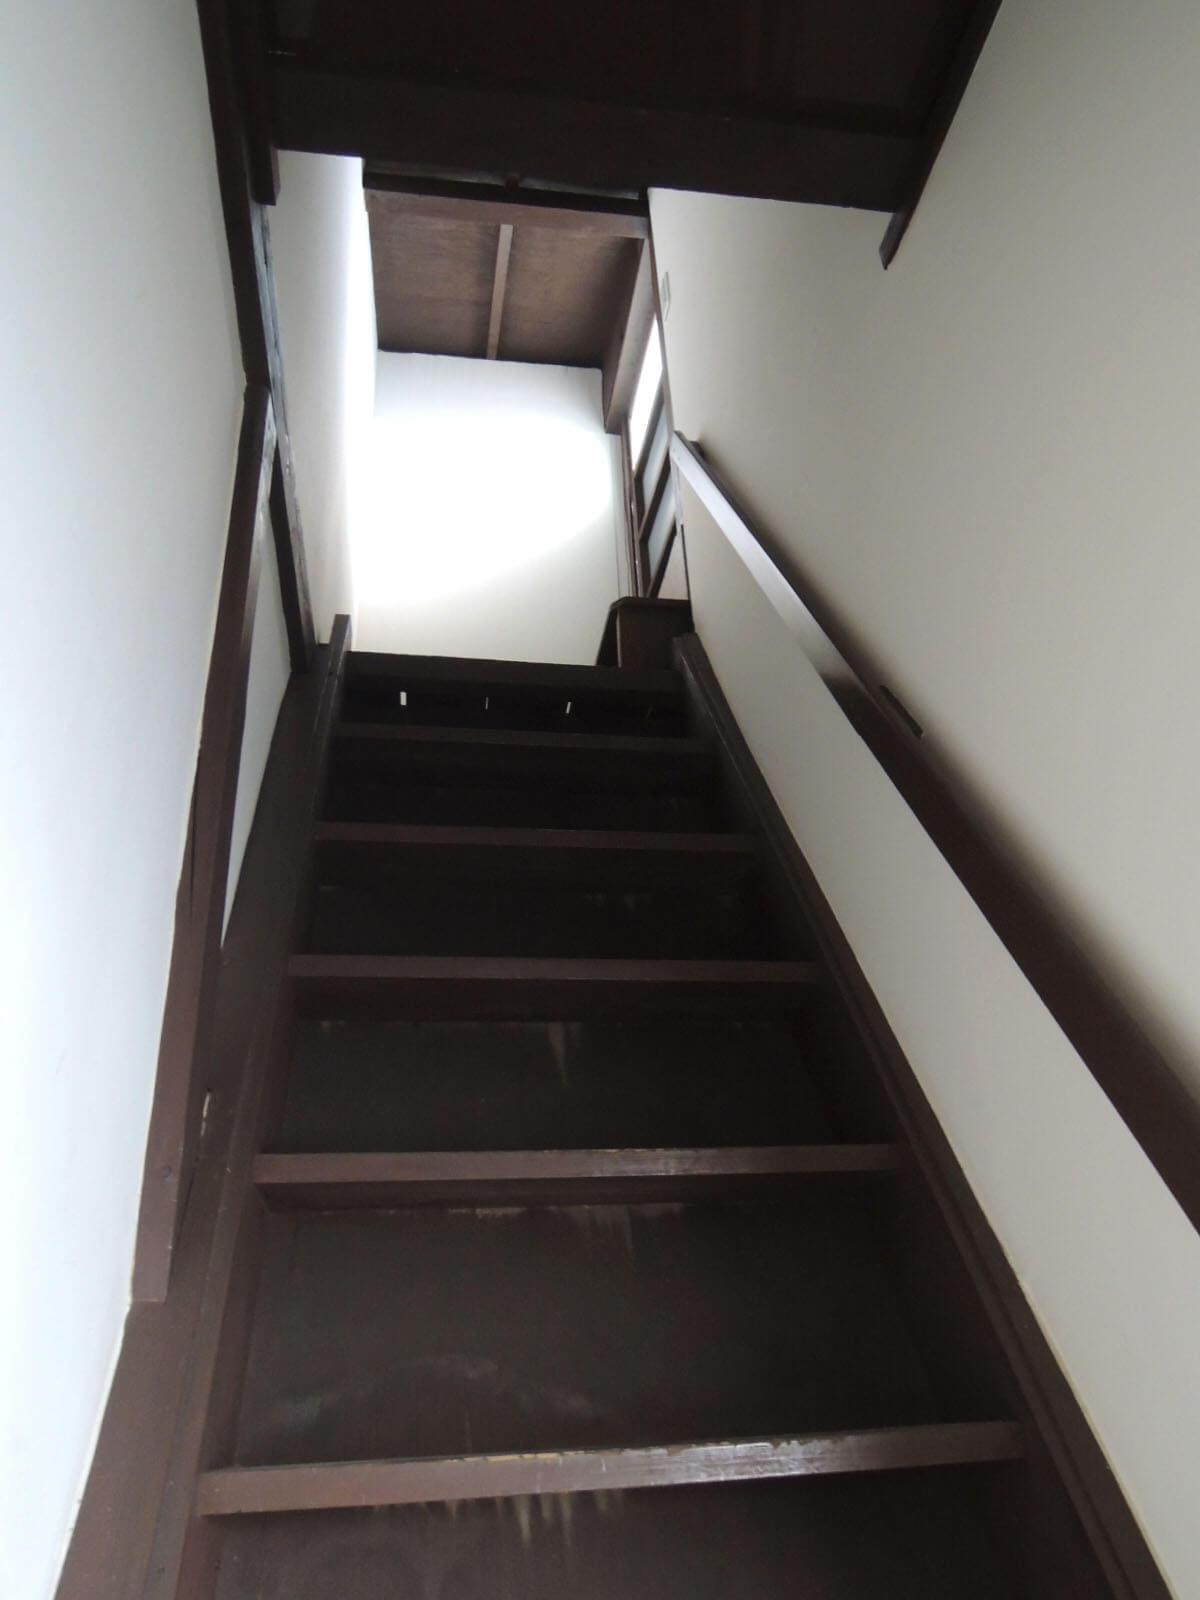 物干場への道はかなりの急勾配、はしごに近い感覚です